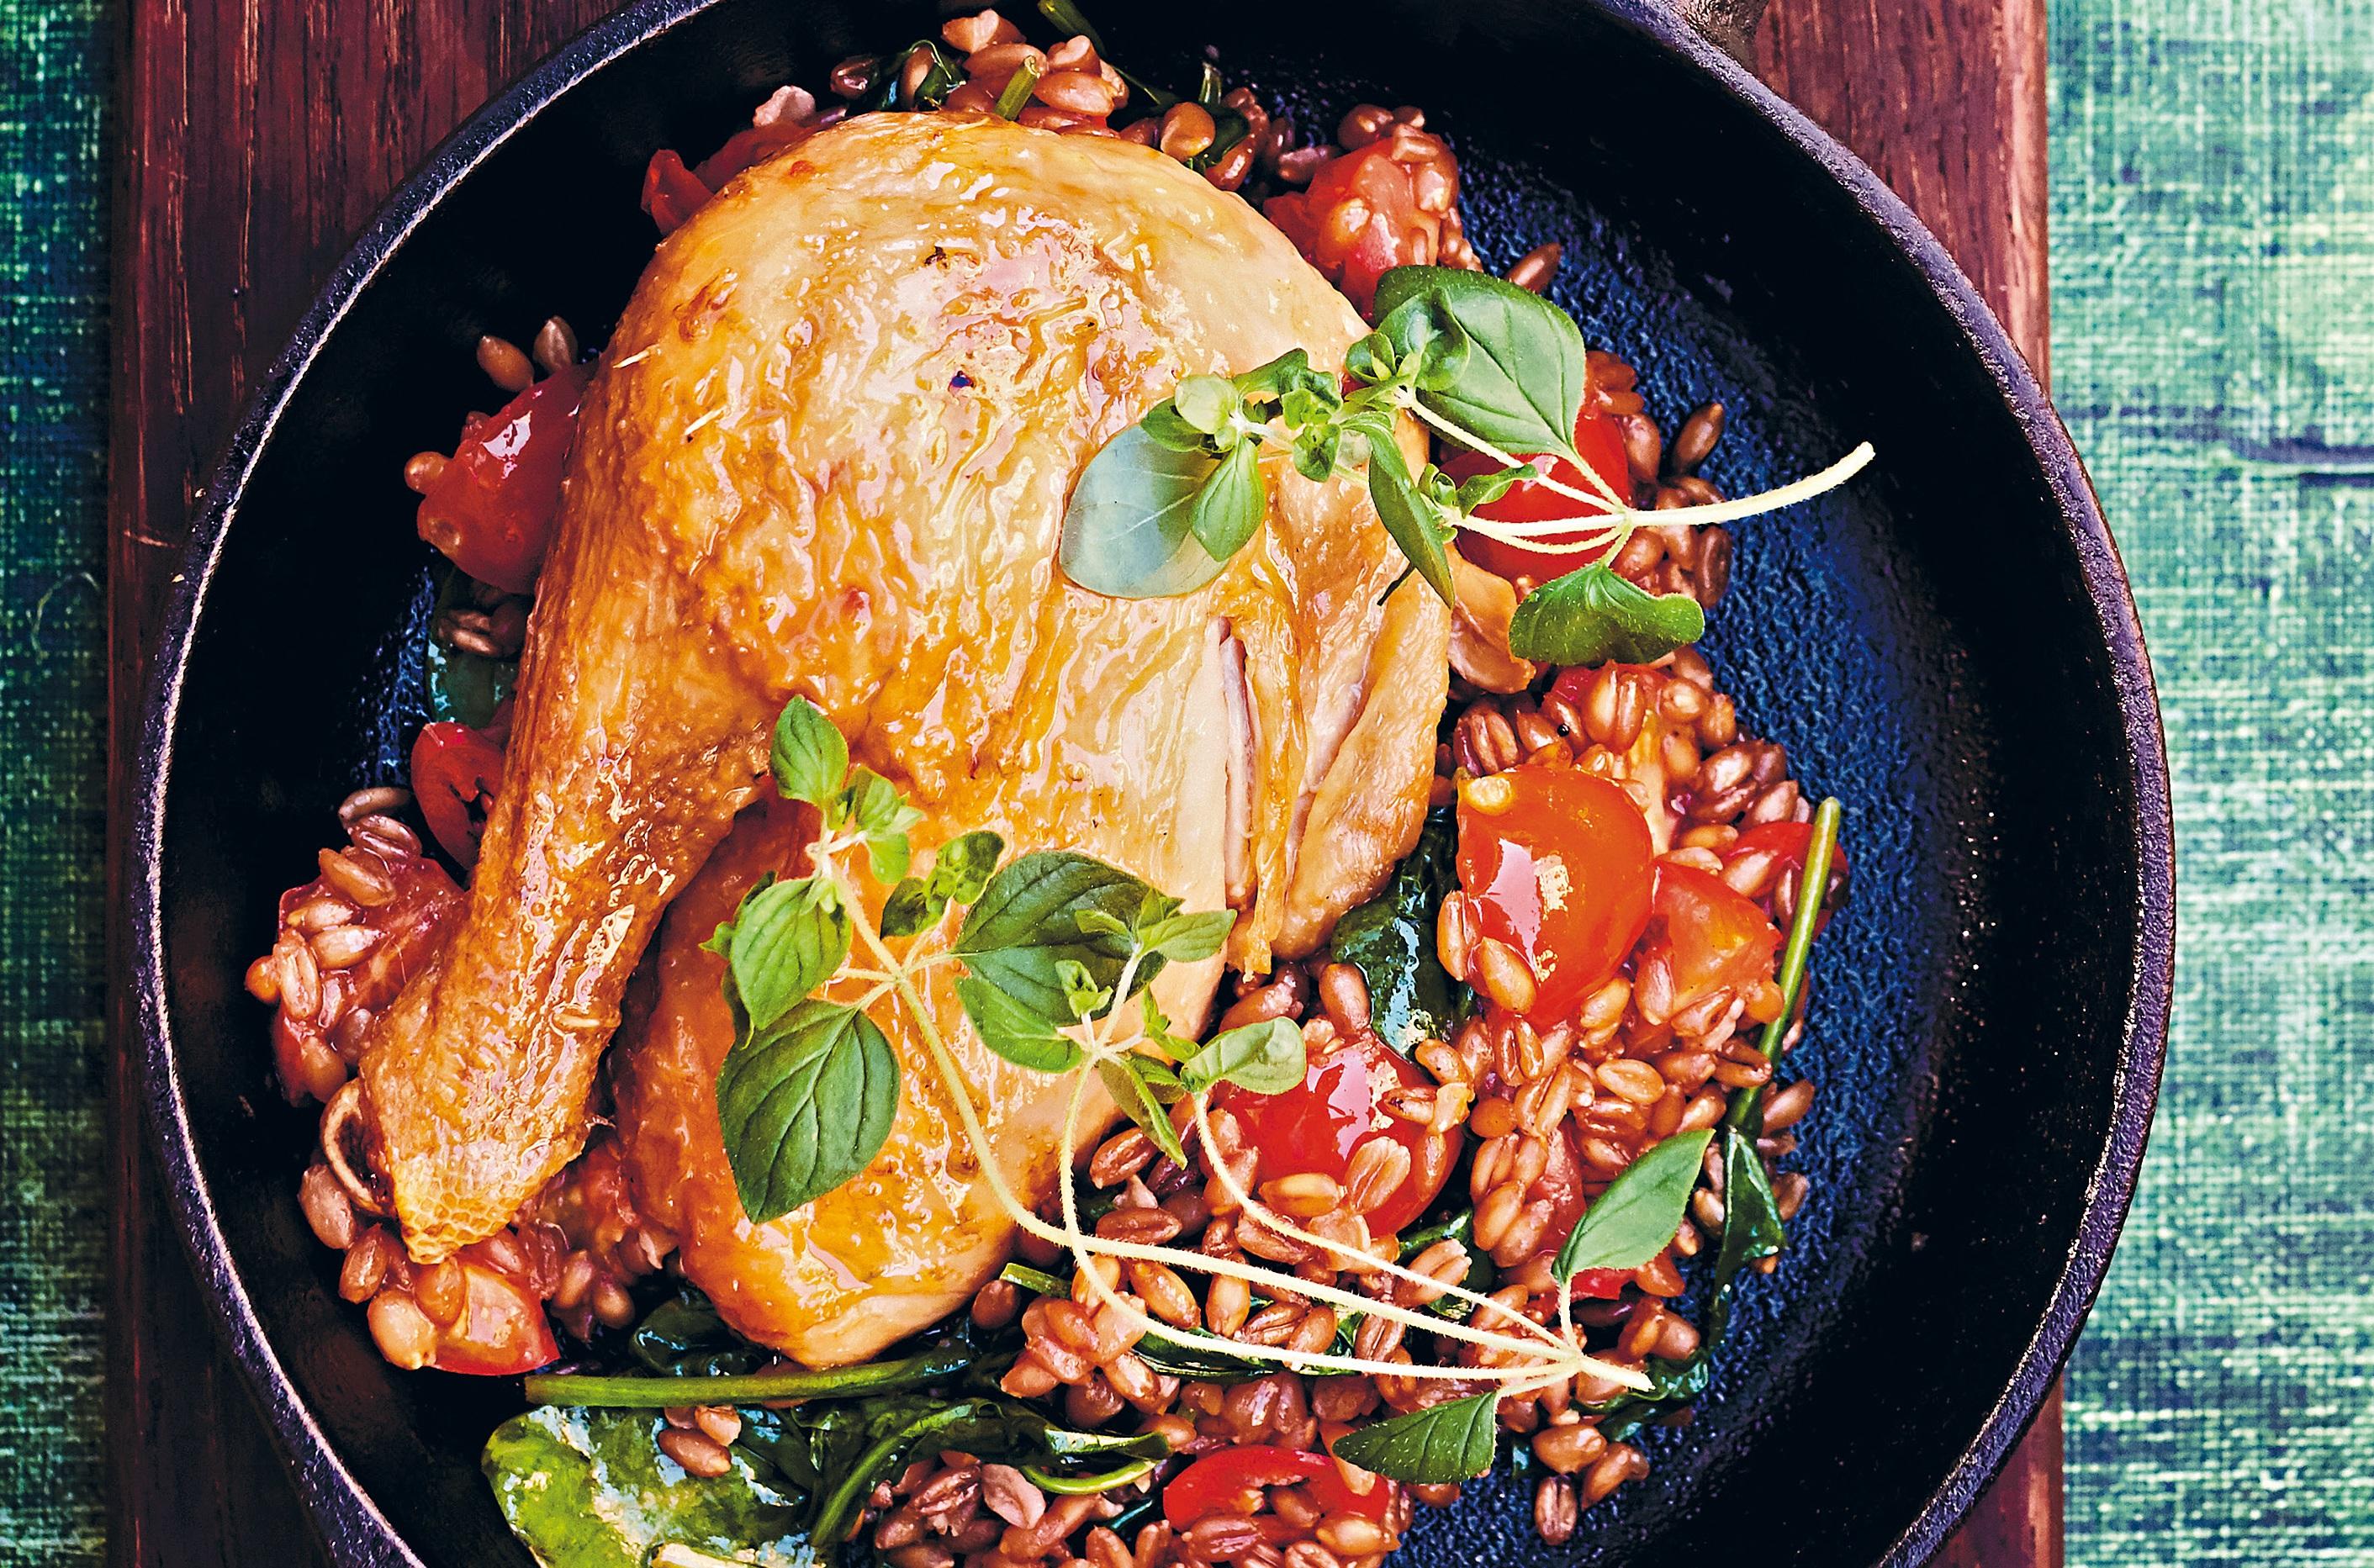 Kliknij: Udka kurczaka z kaszą orkiszową - przepis z książki Happy Food 2.0